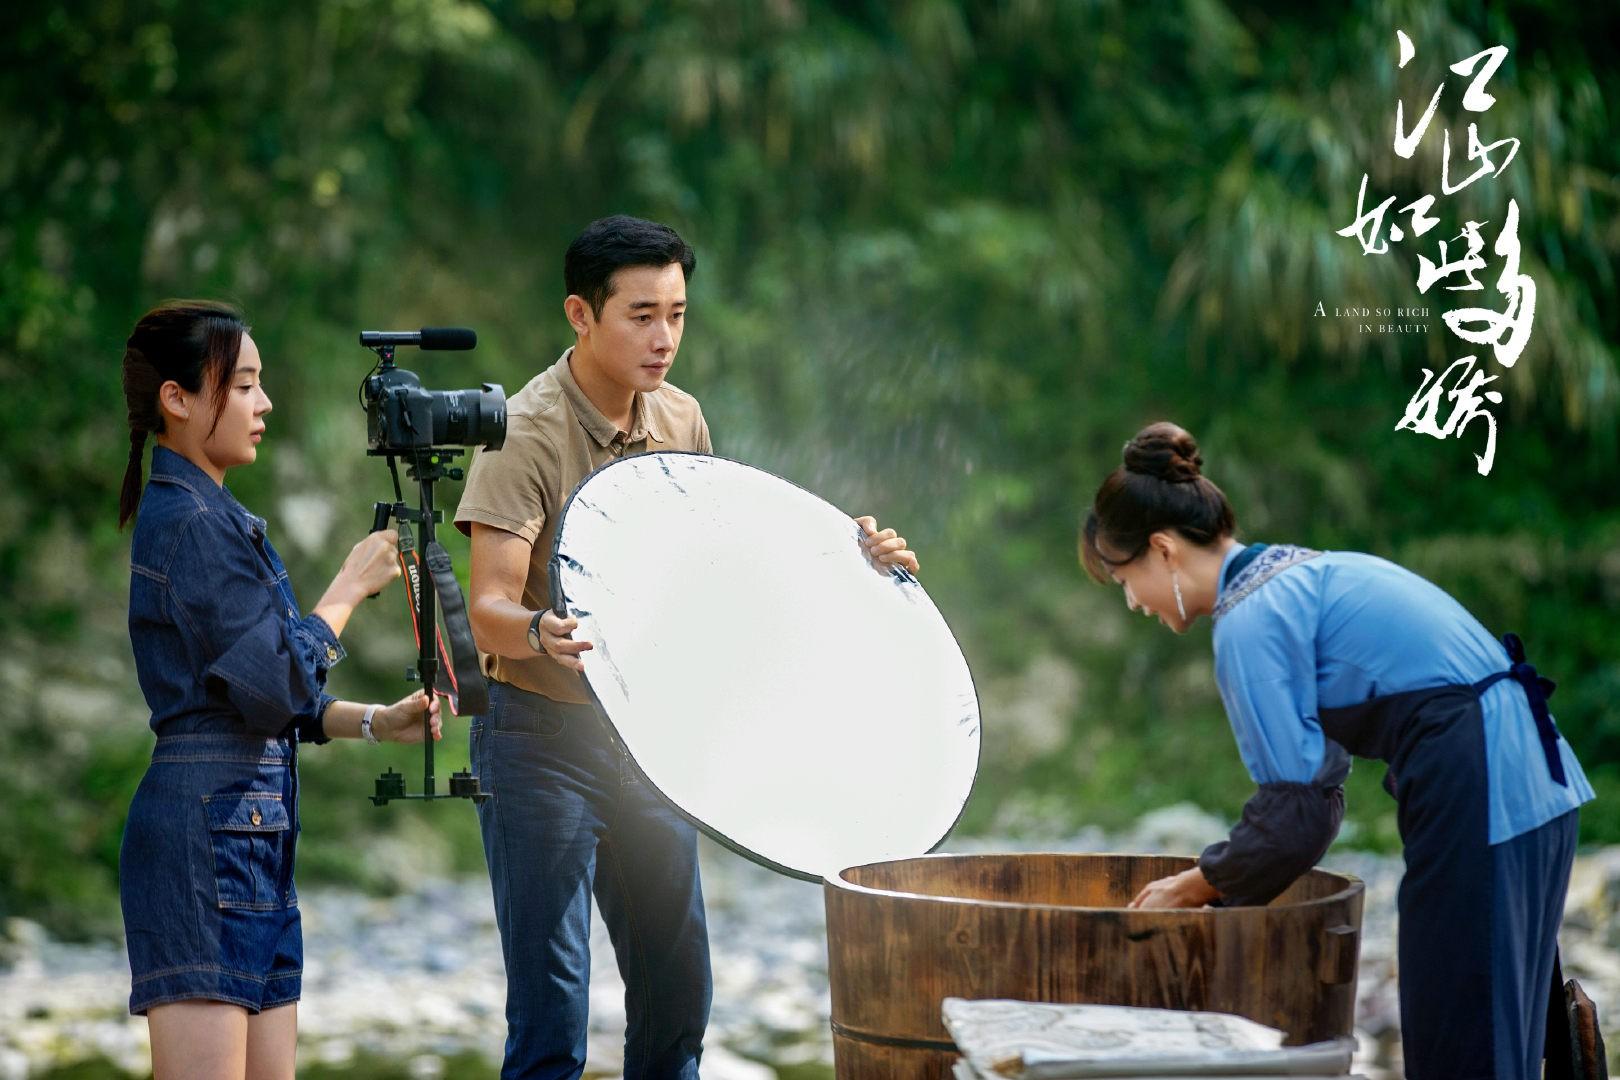 《江山如此多娇》又双叒叕开播了 全员演技在线剧情温情又有趣